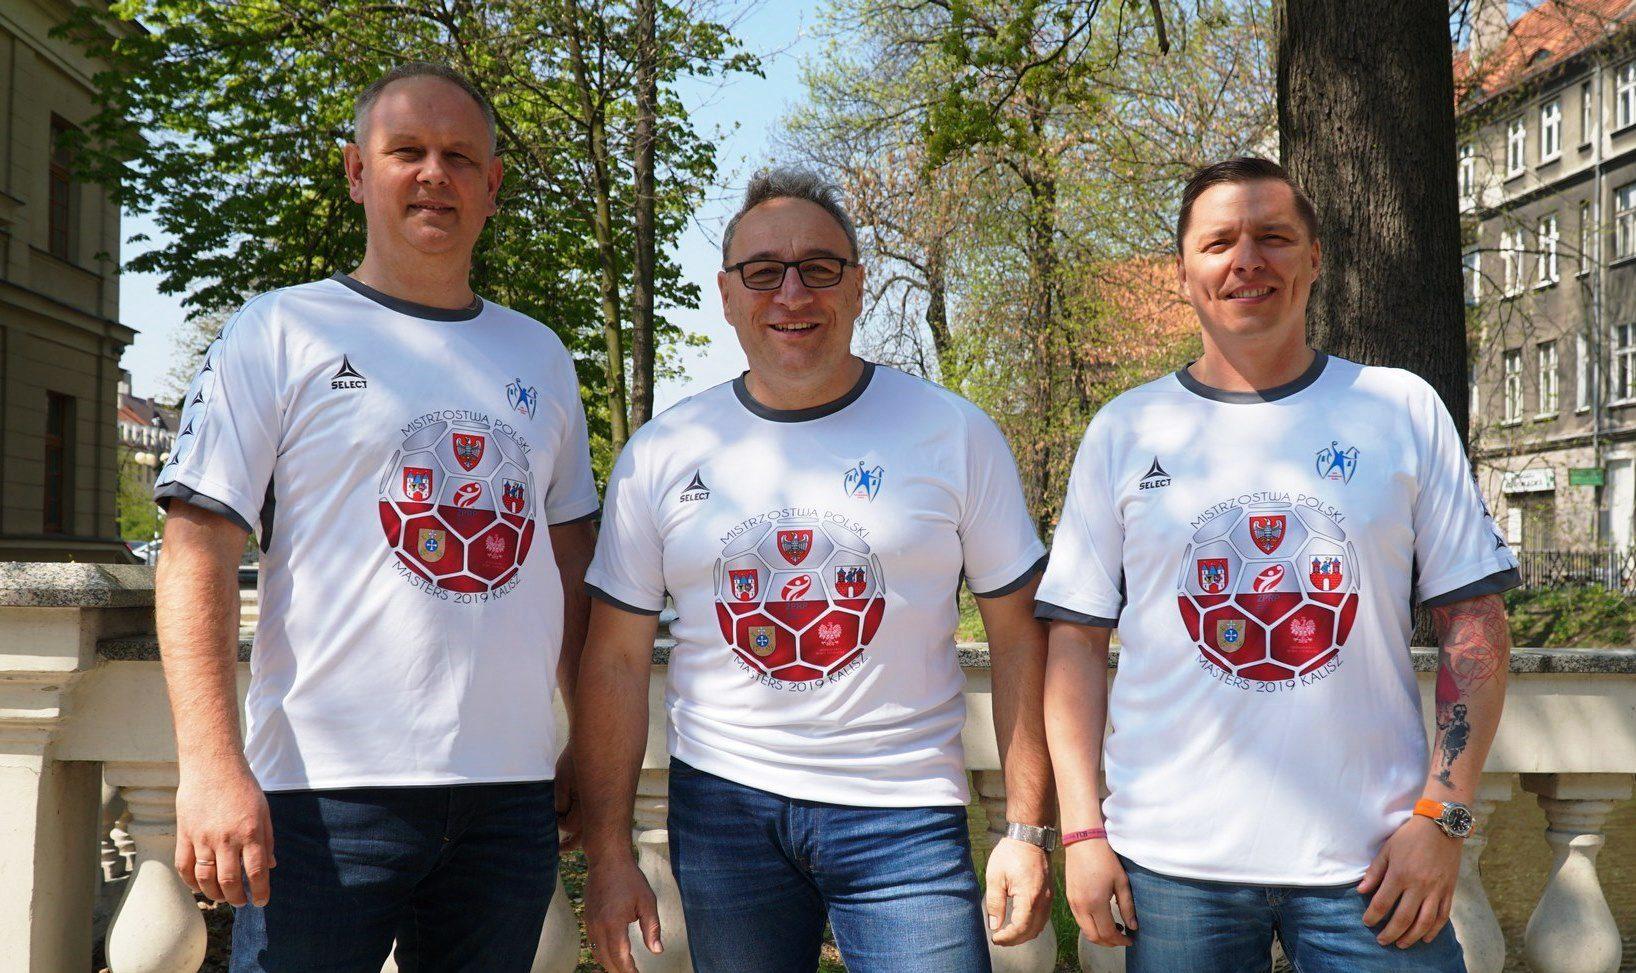 Organizatorzy MP Masters 2019 - od lewej: Jarosław Łuczak (Prezes Zarządu KPR Szczypiorno Kalisz), Stanisław Kubiak (KPR Szczypiorno), Jakub Kubisiak (KPR Szczypiorno)